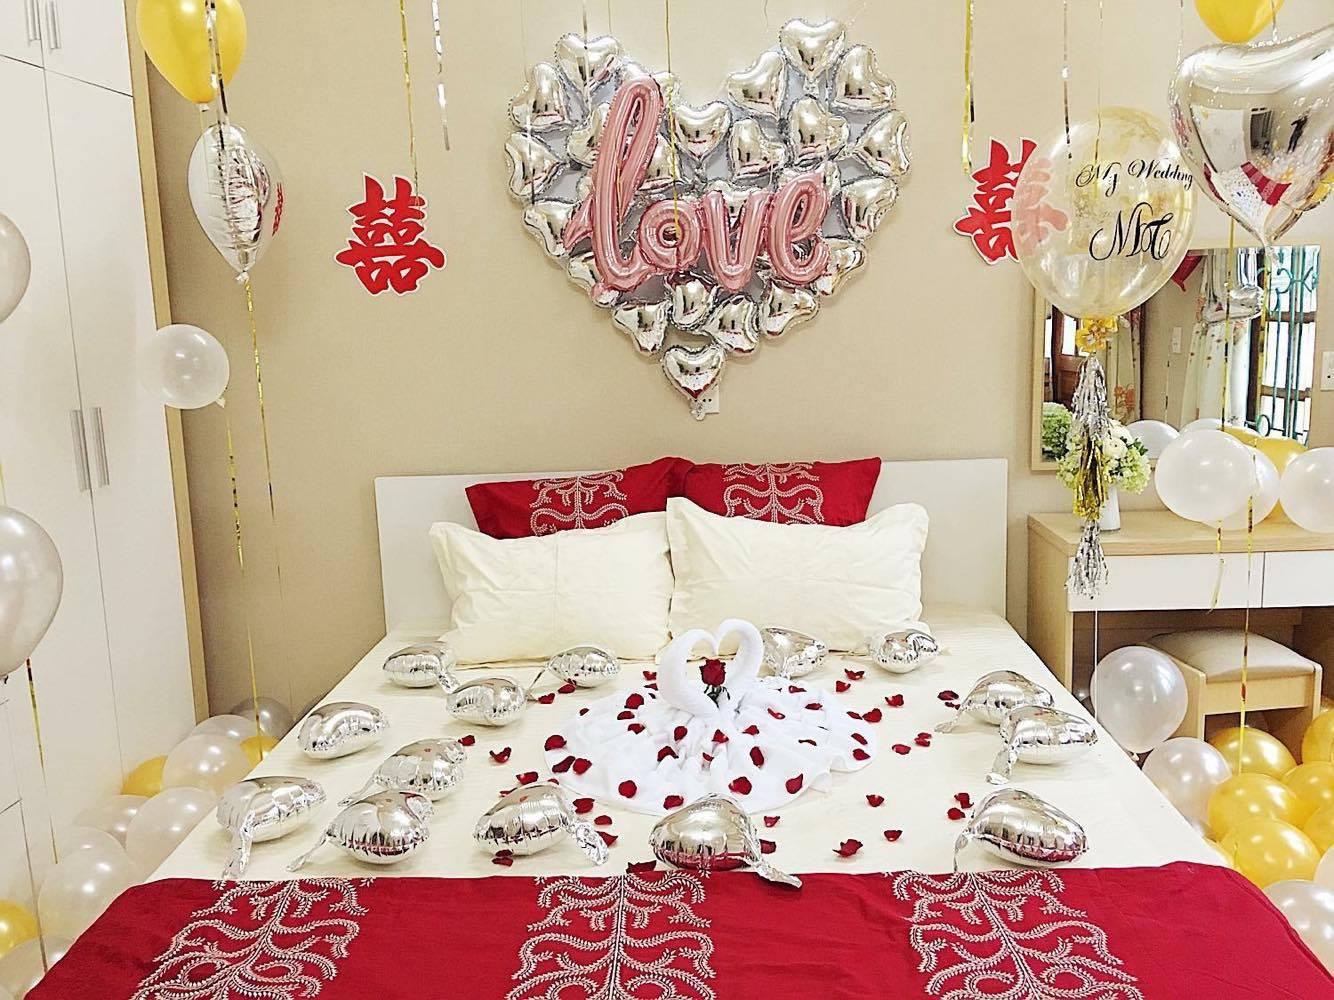 Trang trí phòng cưới hiện đại